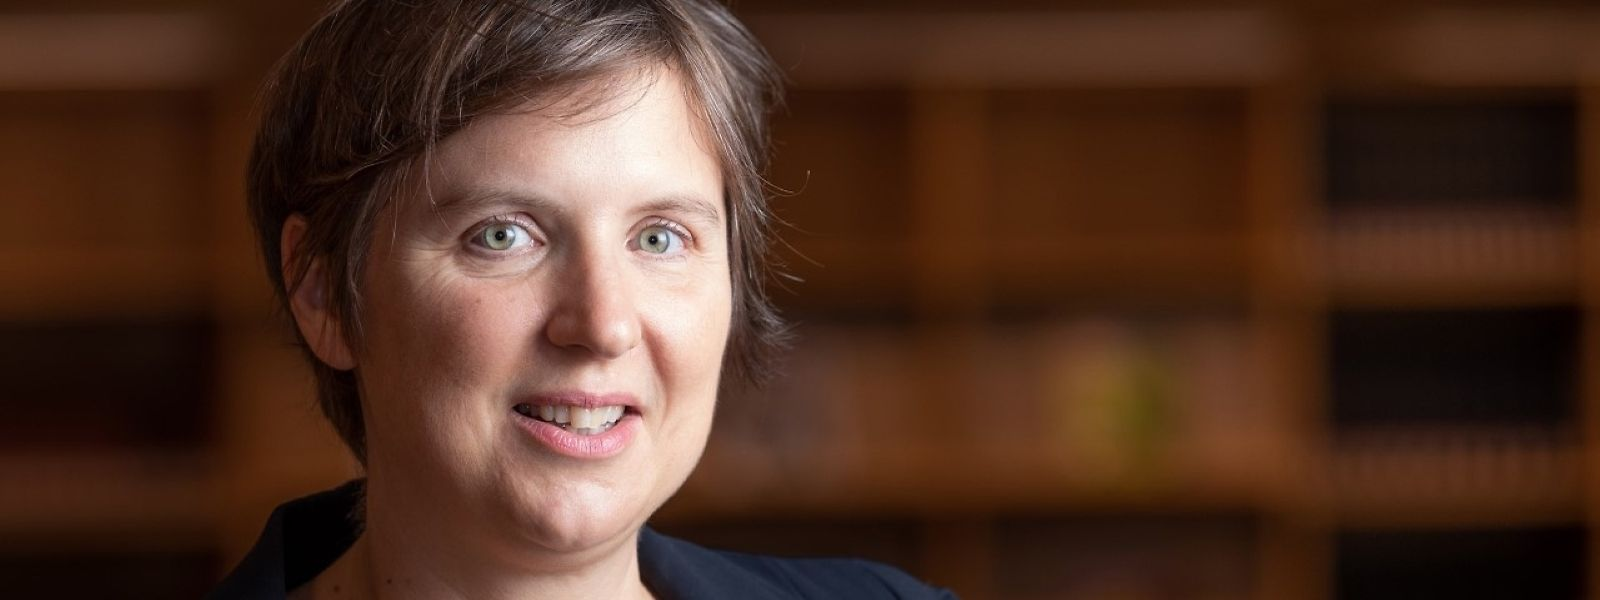 Le Dr Carole Bauer a travaillé pendant cinq ans en tant que chef de clinique assistant des Hôpitaux de Paris.